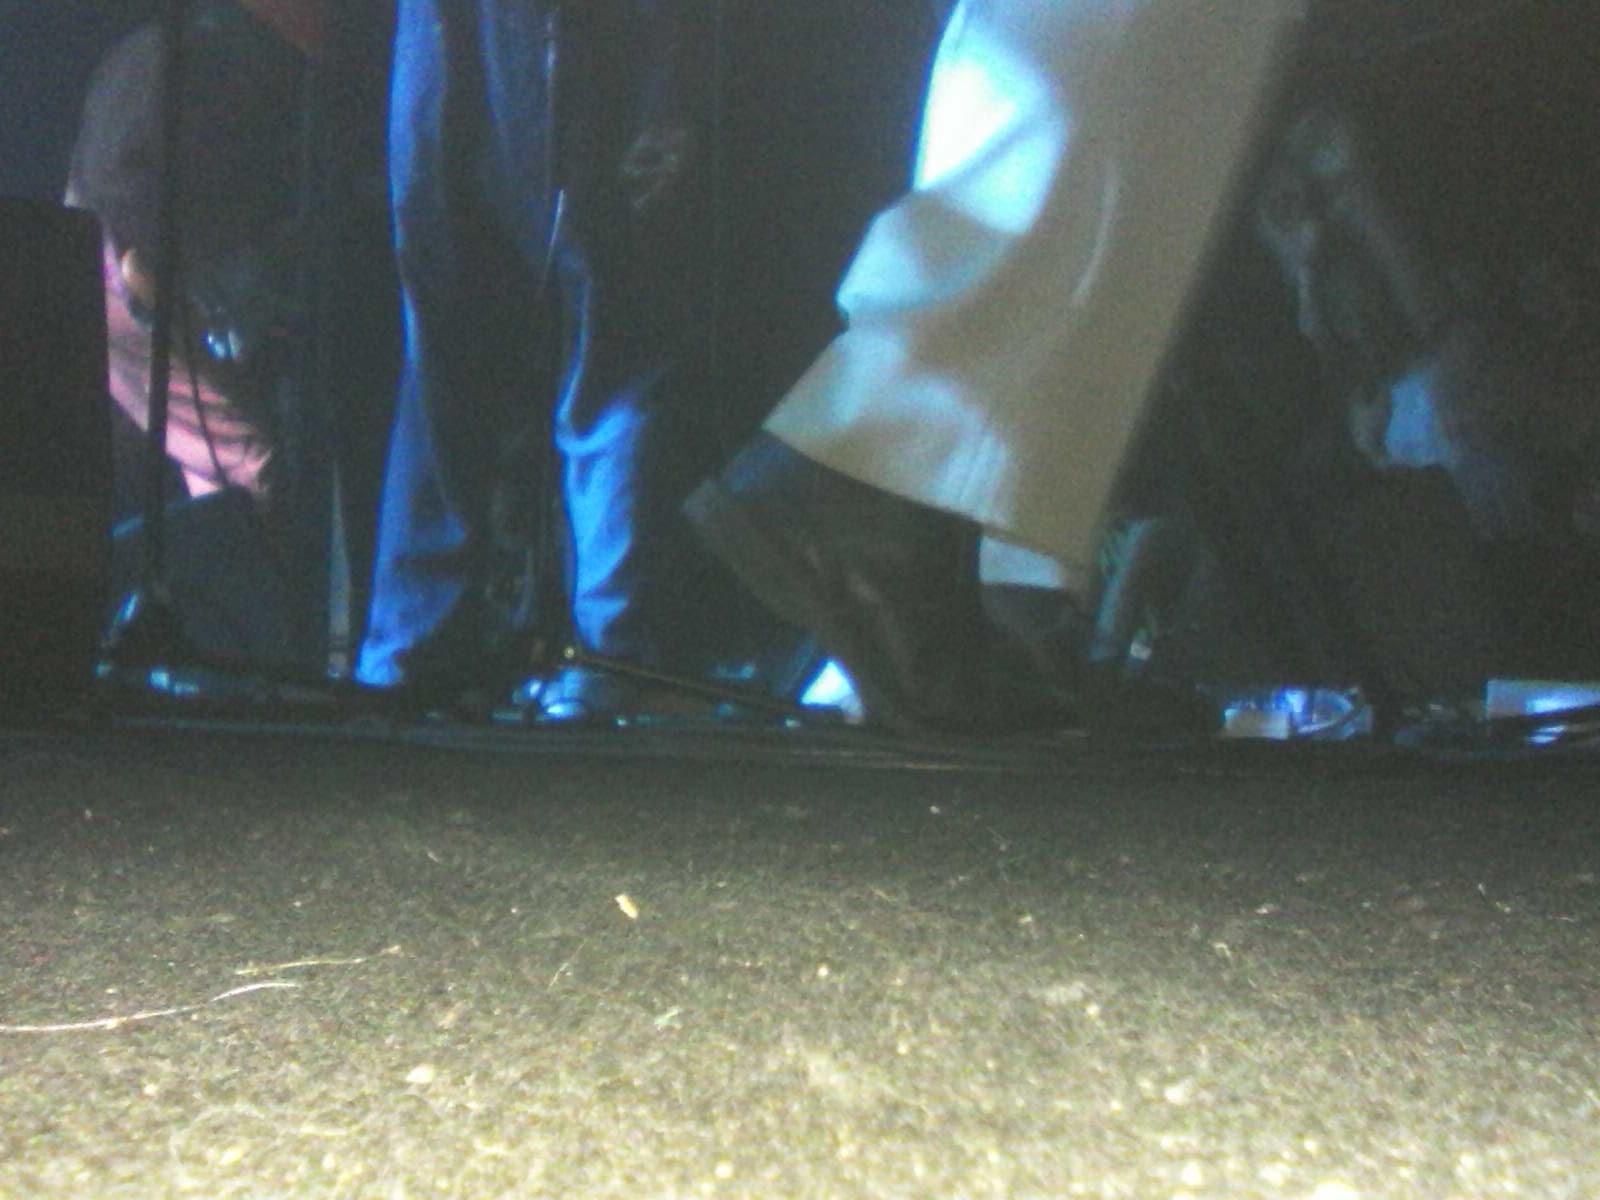 Les pieds de Ty Segall sont faits pour marcher.